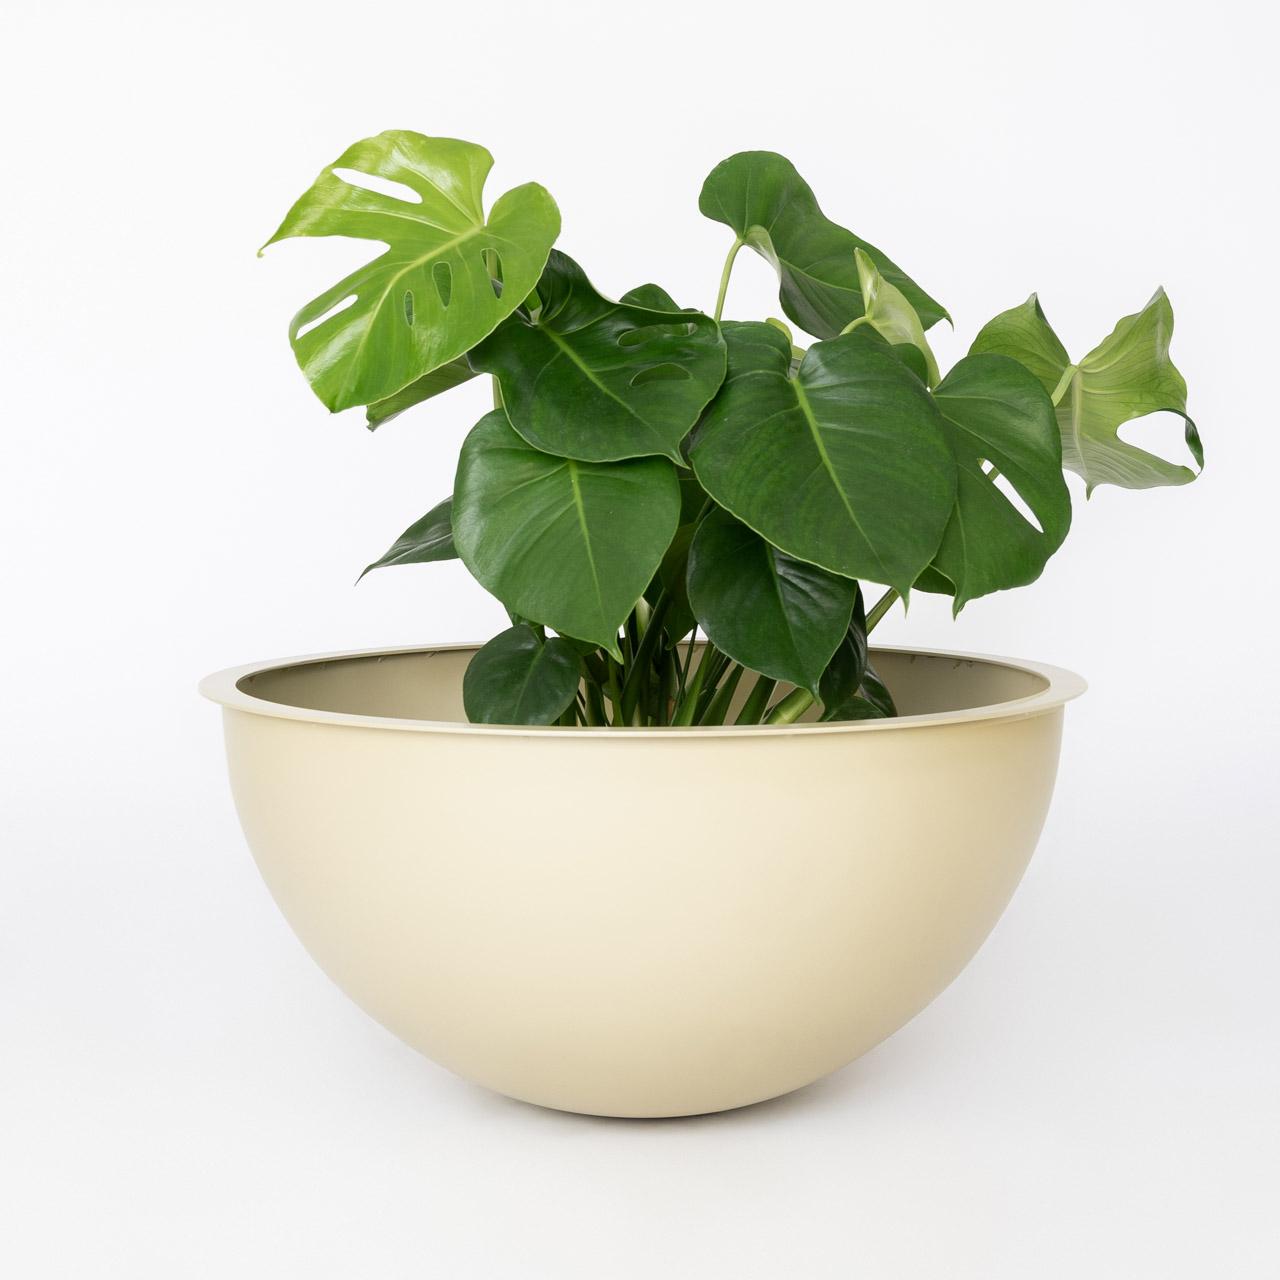 Champagne kleur Sunwood NOBL Design Vaas op witte achtergrond met groene plant